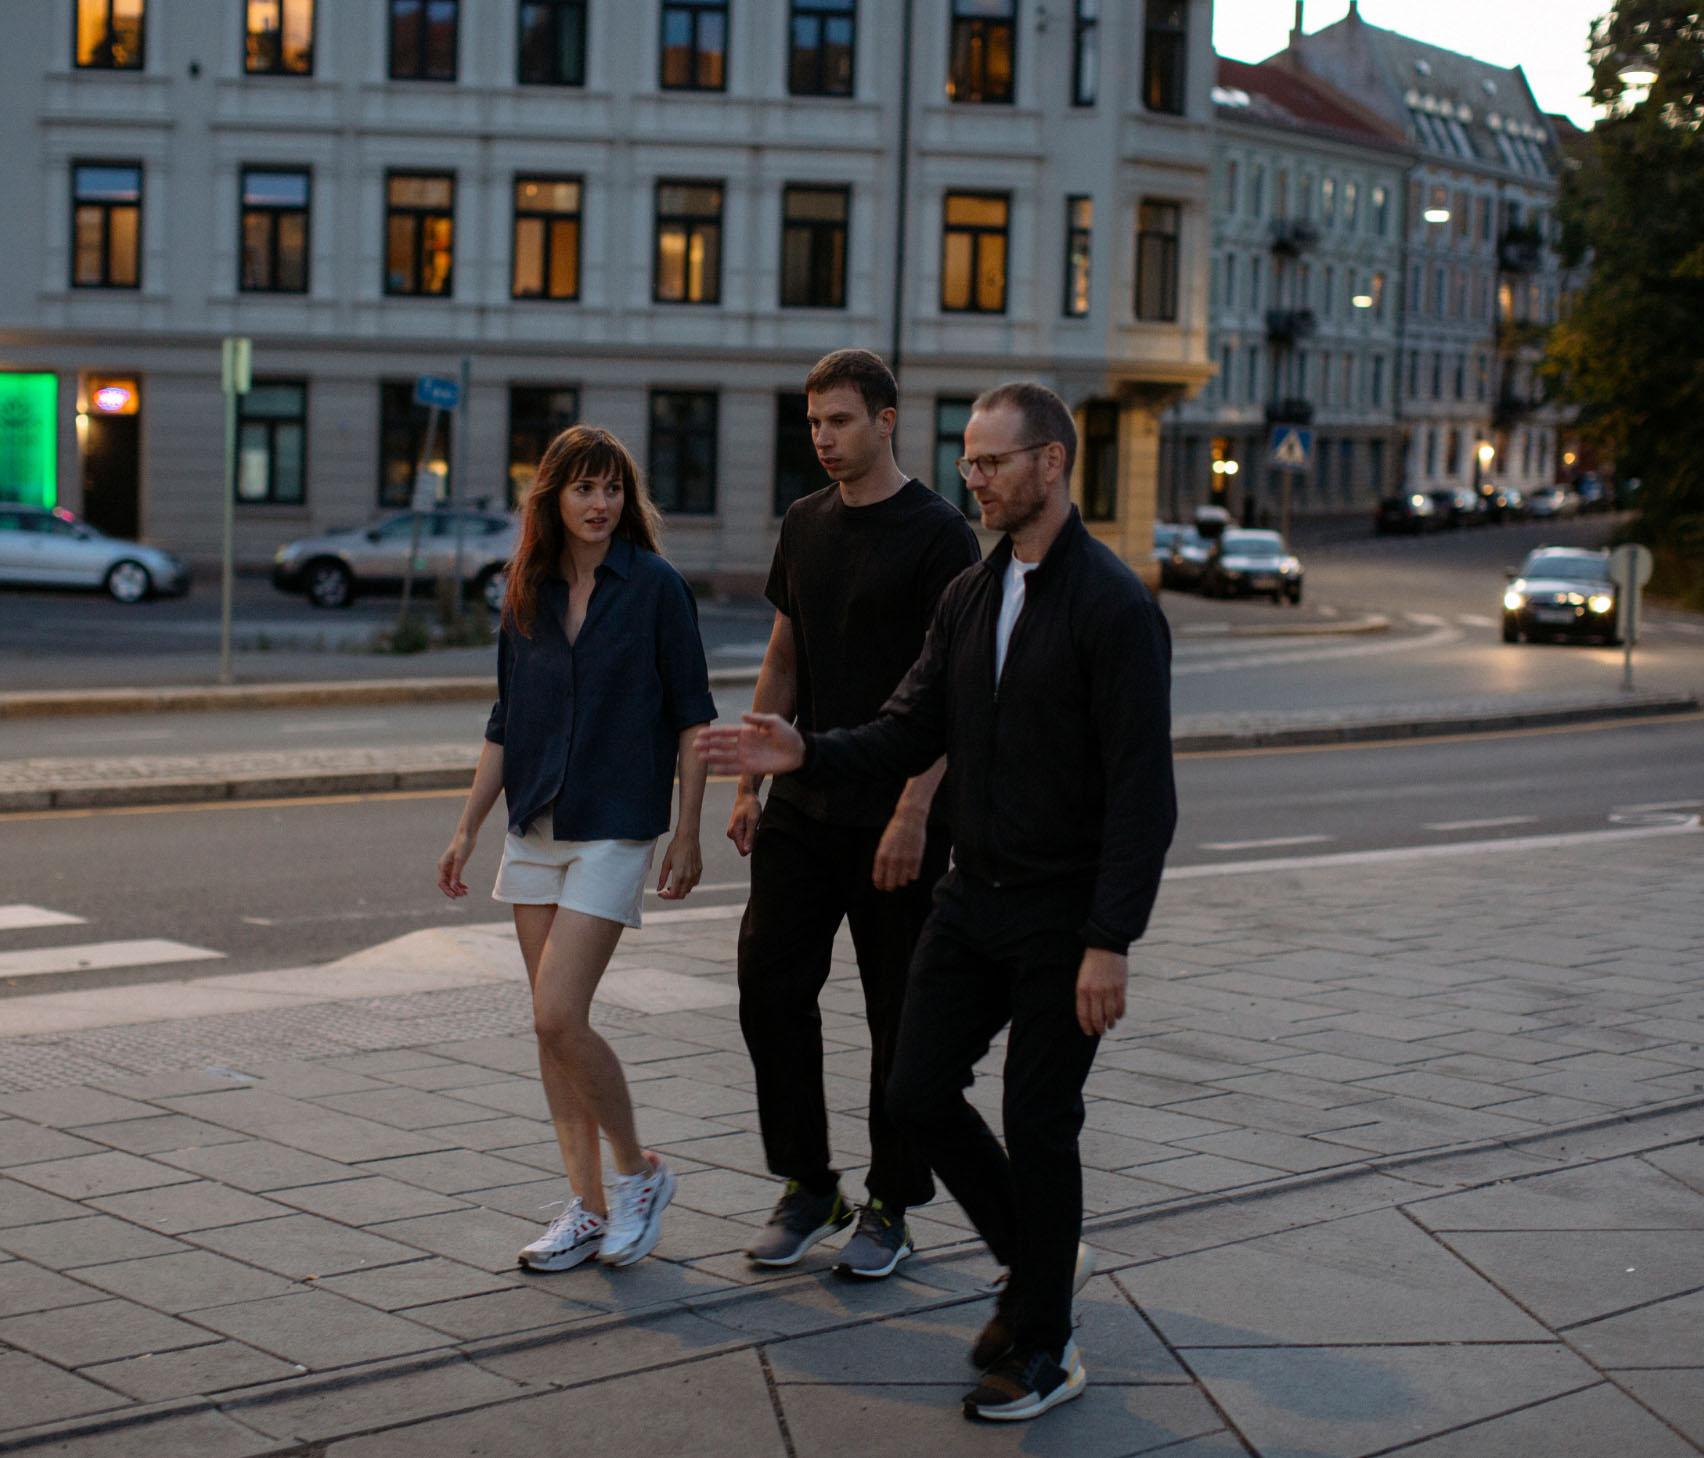 BTS fra Verdens verste menneske med Renate Reinsve, Herbert Nordrum og joachim trier (Christian Belgaux/SF Studios/Oslo Pictures)